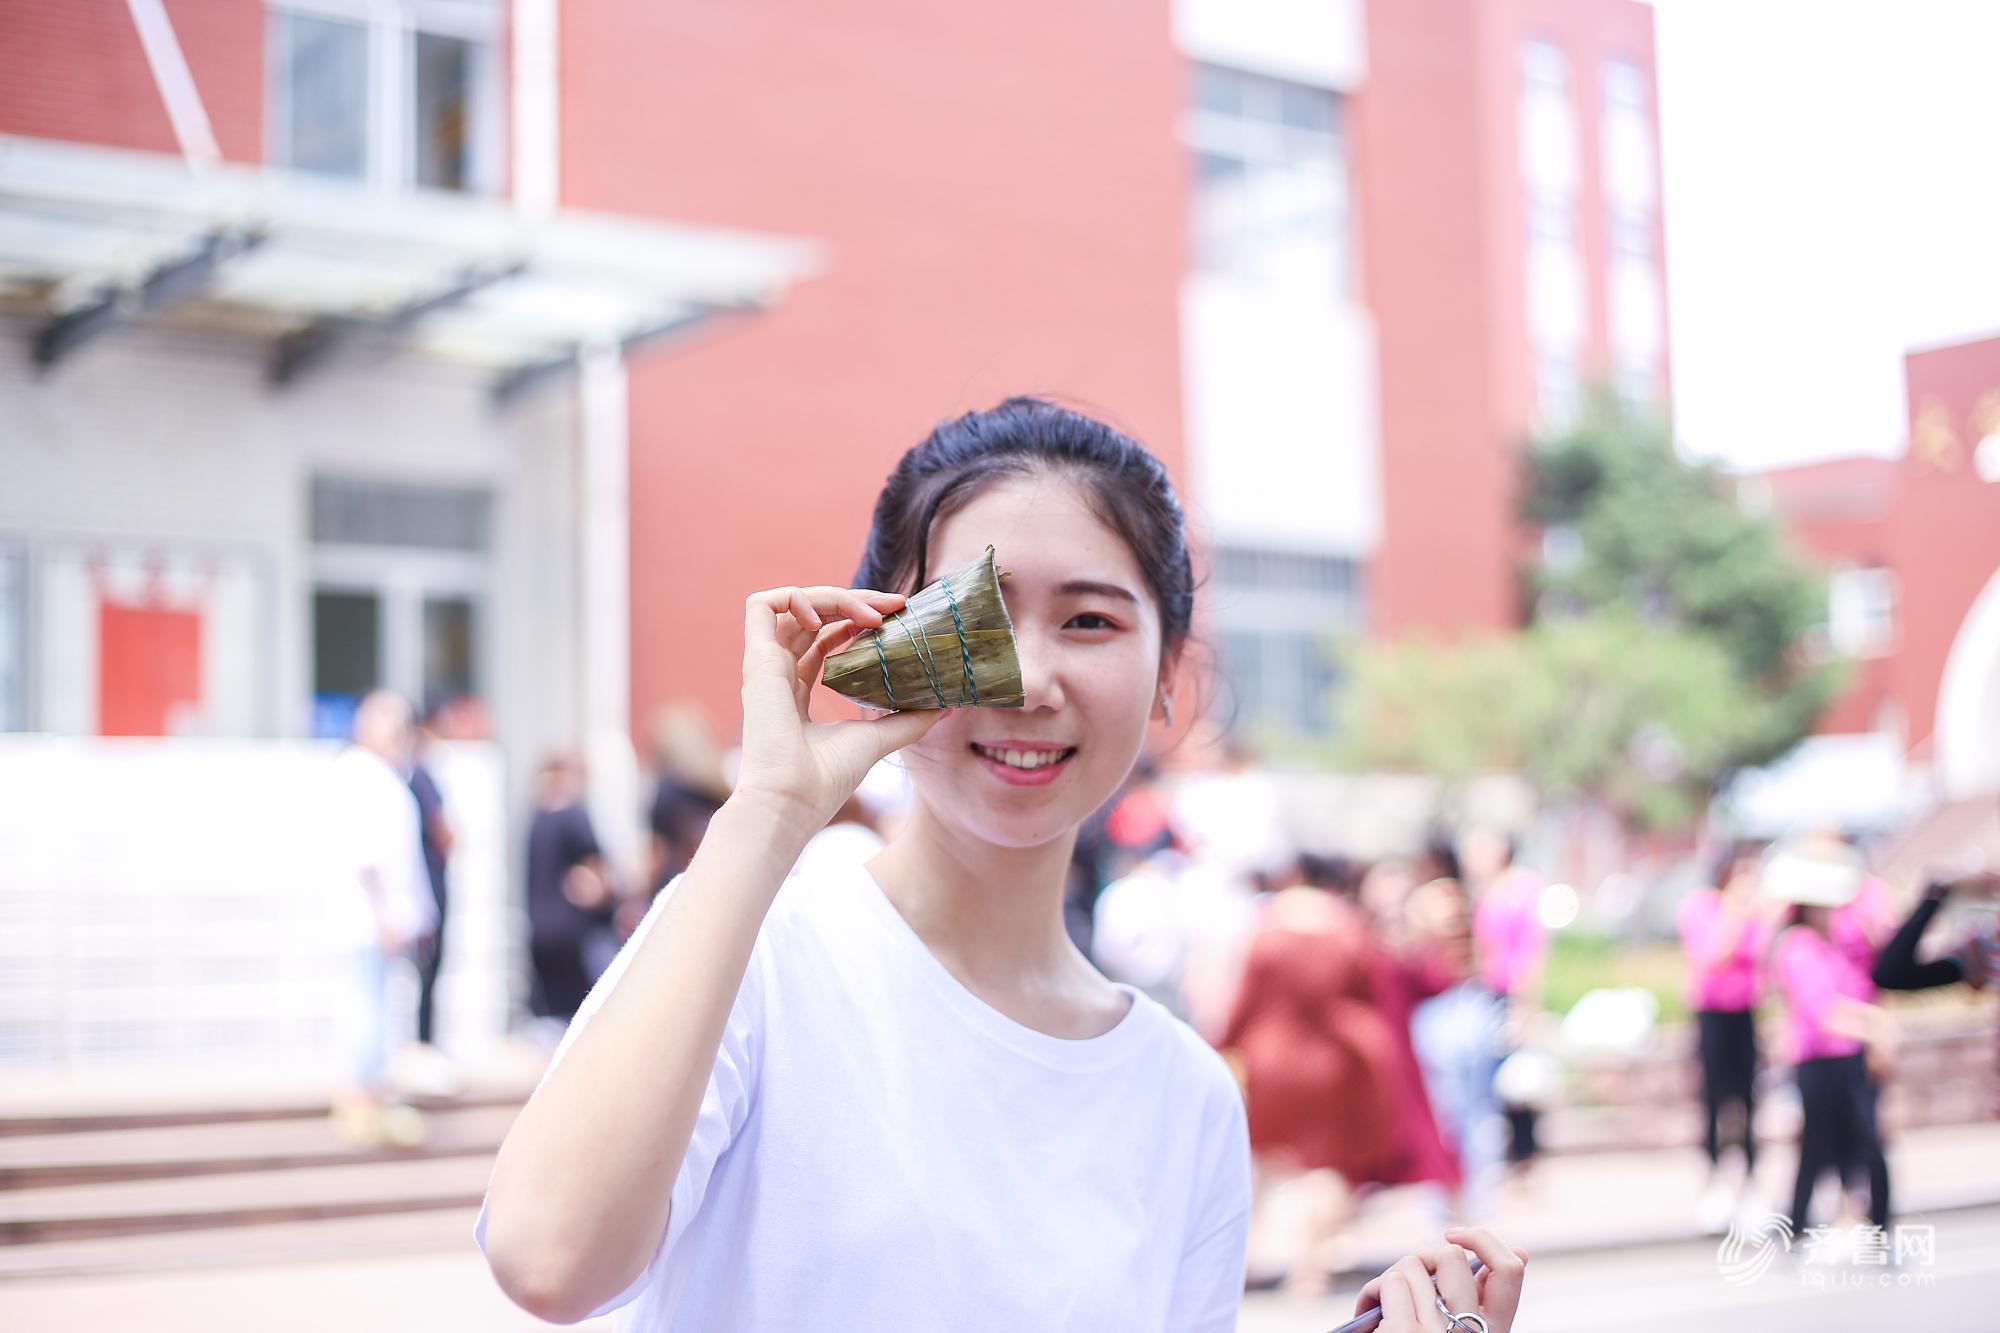 济南:端午节前夕 一高校为在校生免费发放粽子